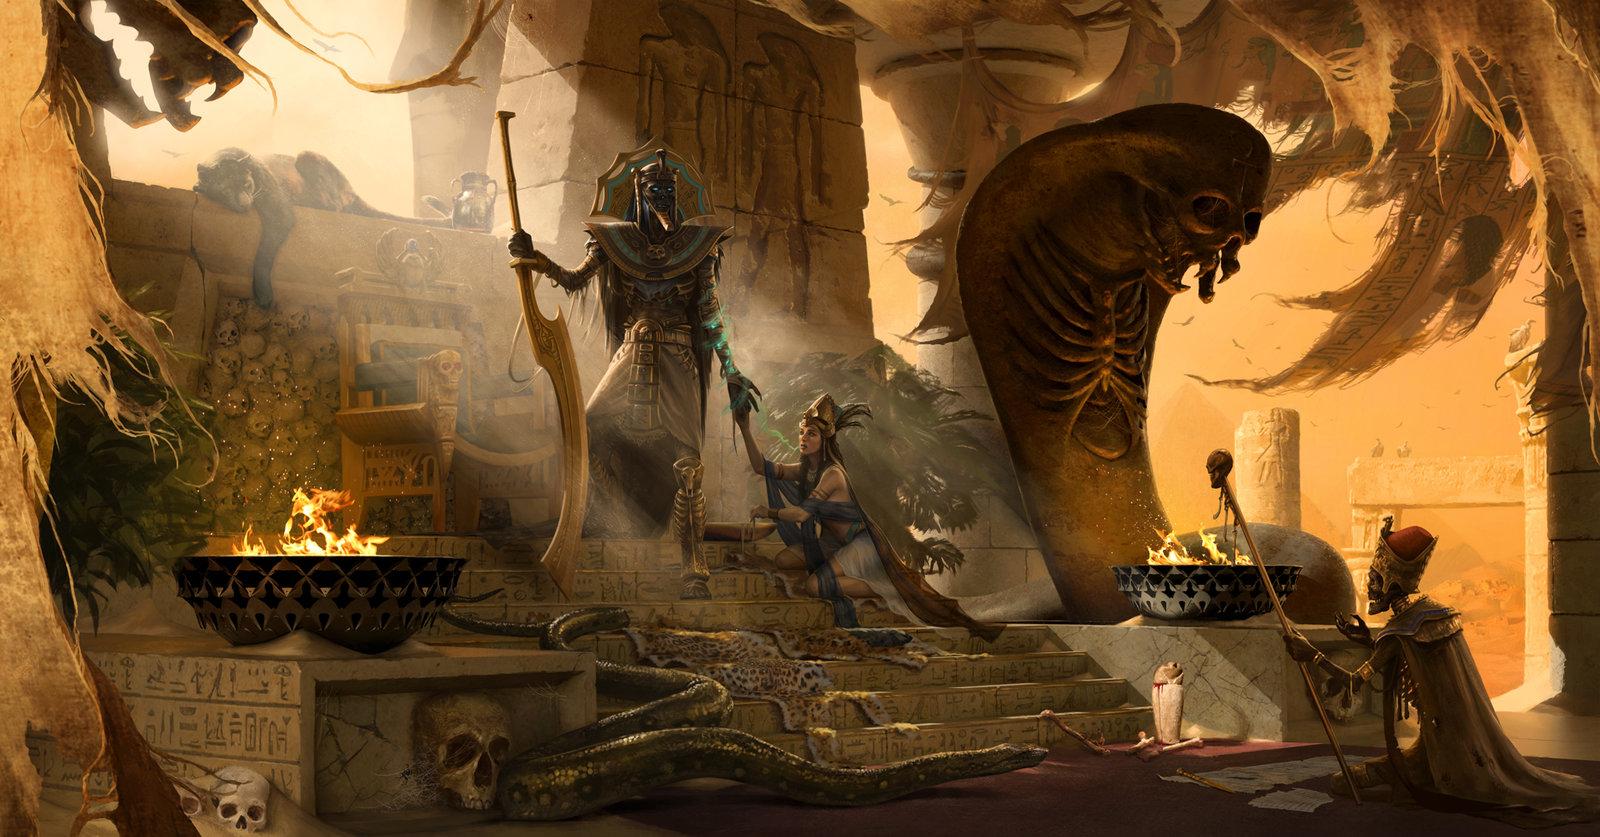 the_tomb_king_by_jarrodowen-da9632j